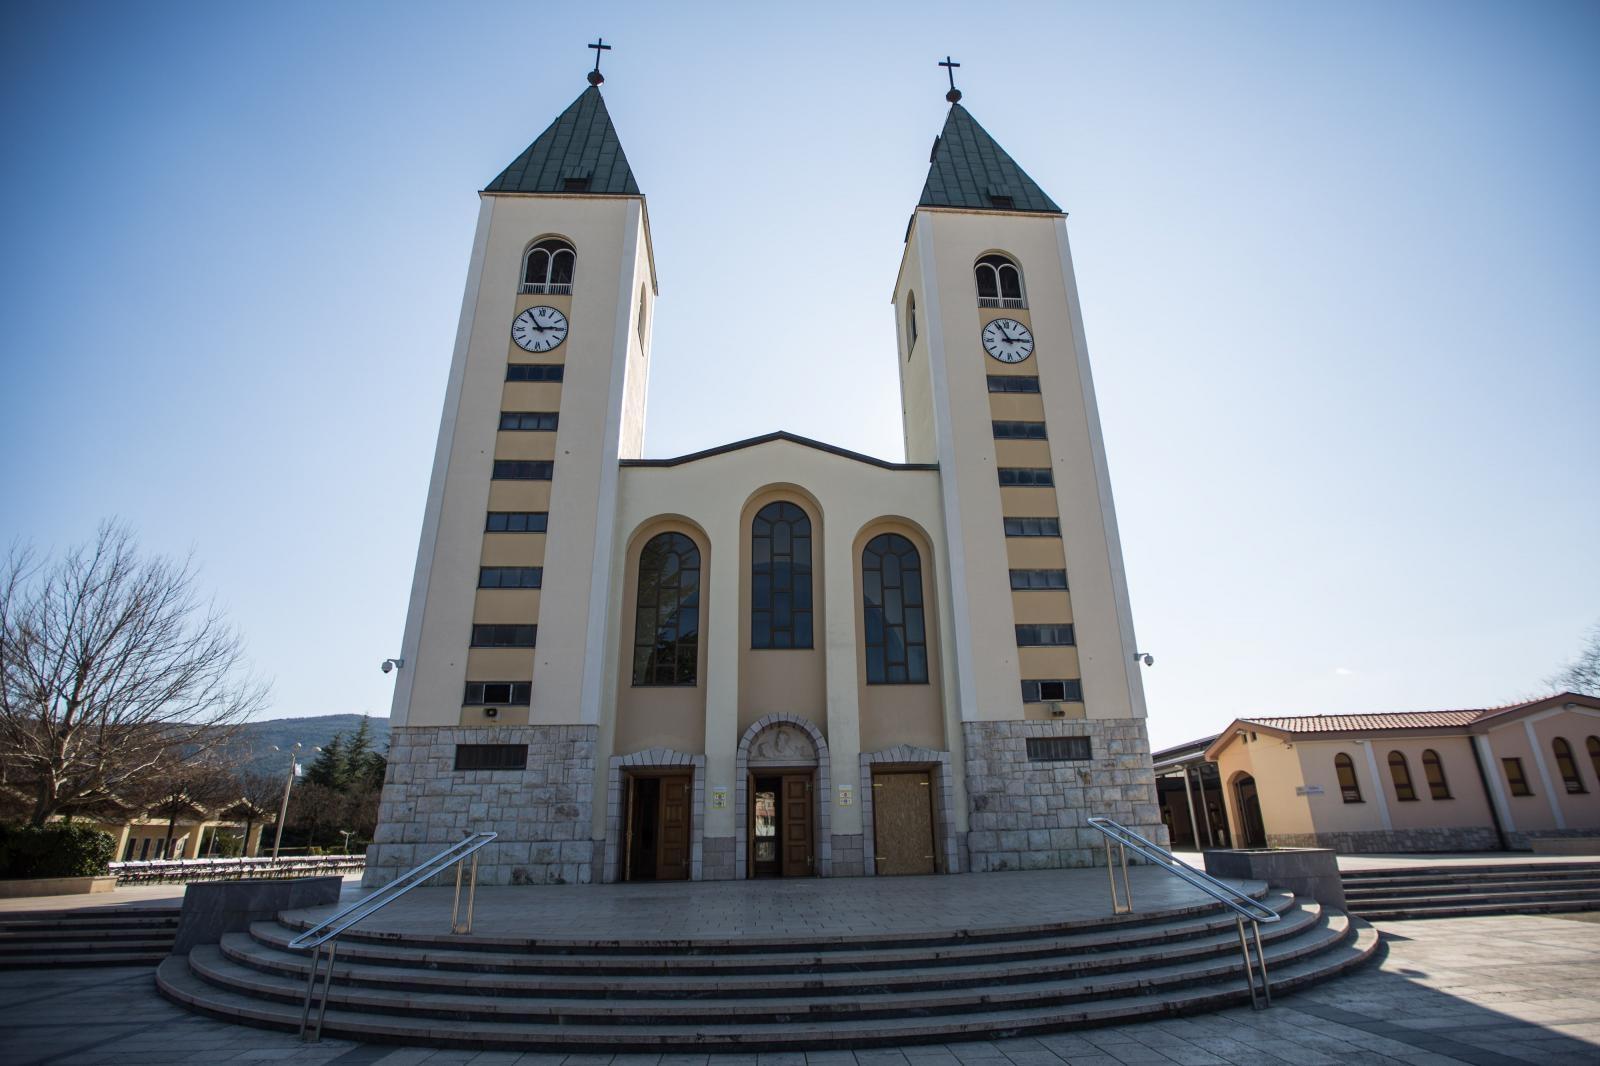 HEREZA I BLUDNI GRIJEH! POTRES U MEĐUGORJU! Crkva izopćila fratra: 'Izabran sam u jezgru od 49 bića da uredim Svemir'!